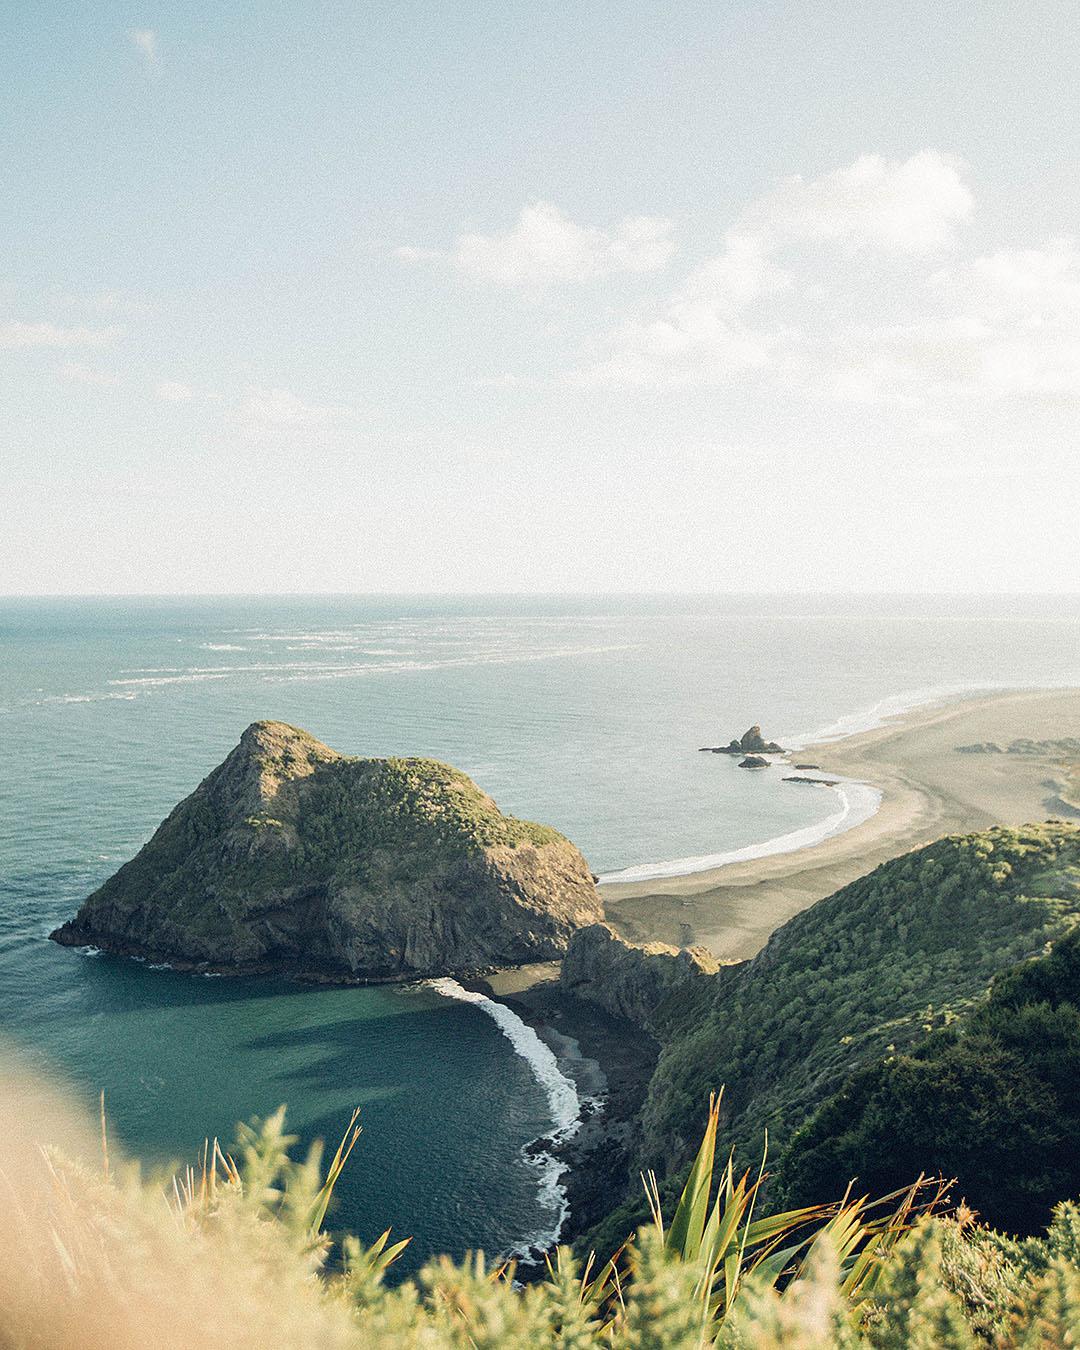 Whatipu beach seen from above.